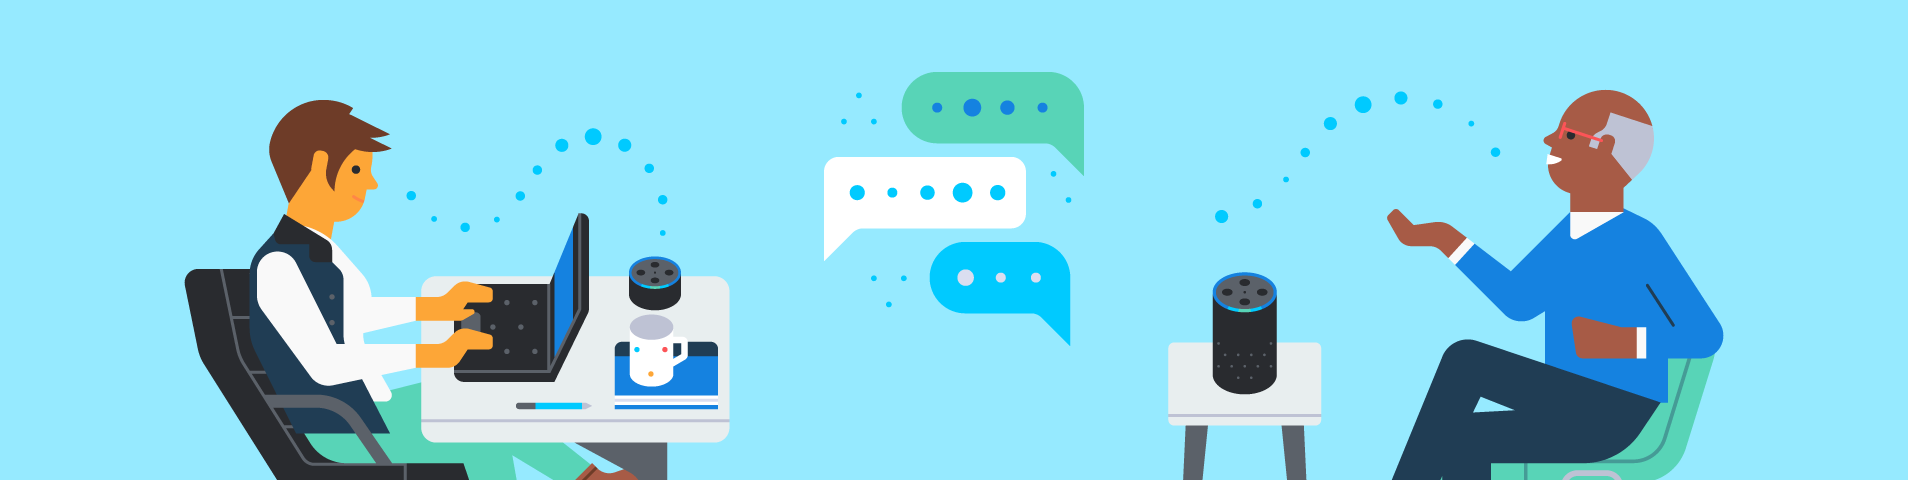 چگونه Echo خود را به تلفن تبدیل و تماس AT&T با الکسا را برقرار نماییم